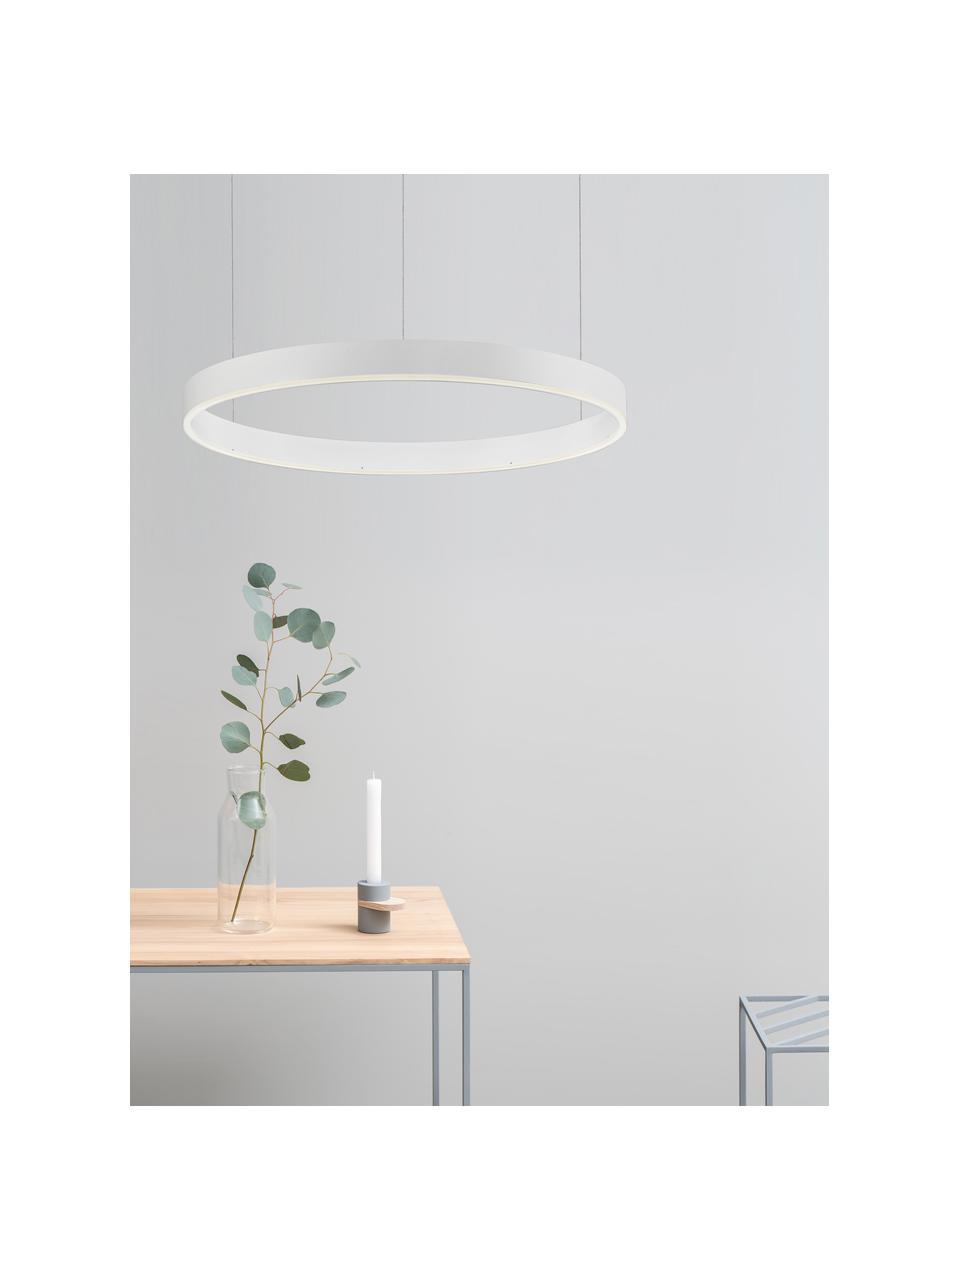 Große LED-Pendelleuchte Motif in Weiß, Lampenschirm: Aluminium, beschichtet, Baldachin: Aluminium, beschichtet, Weiß, Ø 60 x H 190 cm